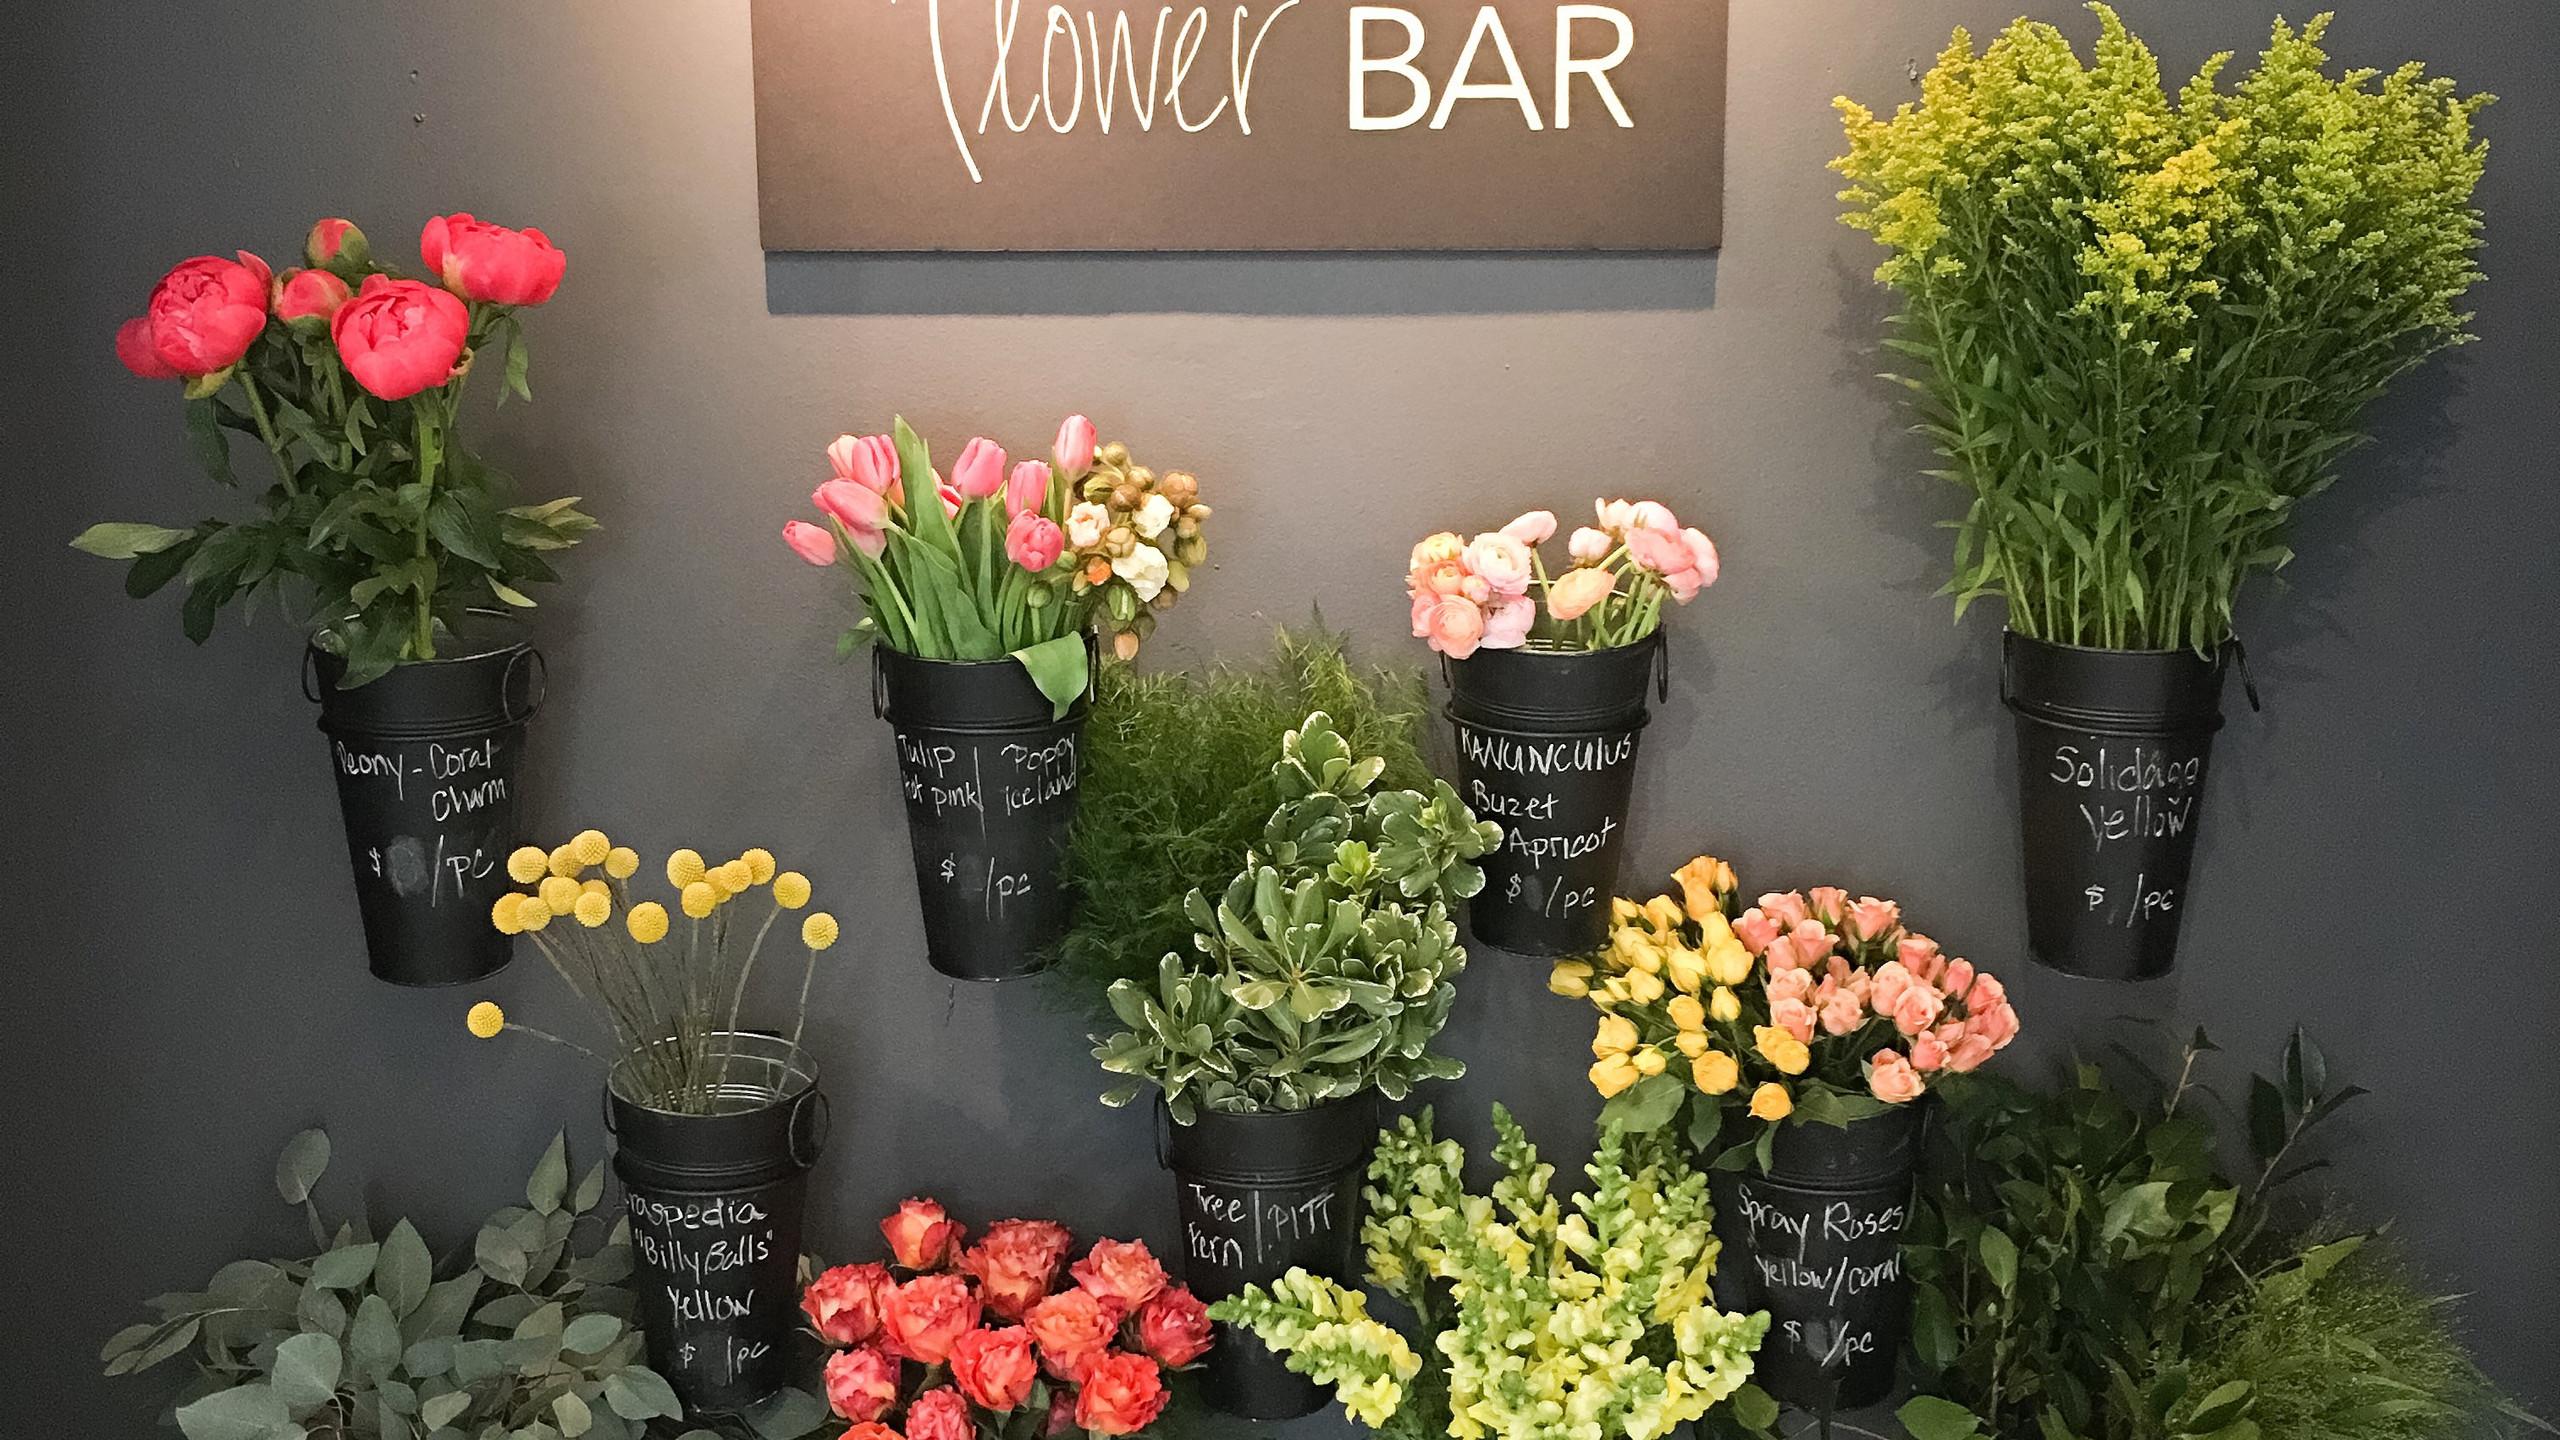 Franzie's Flower Design Flower Bar in the River Oaks studio located in Houston, TX.